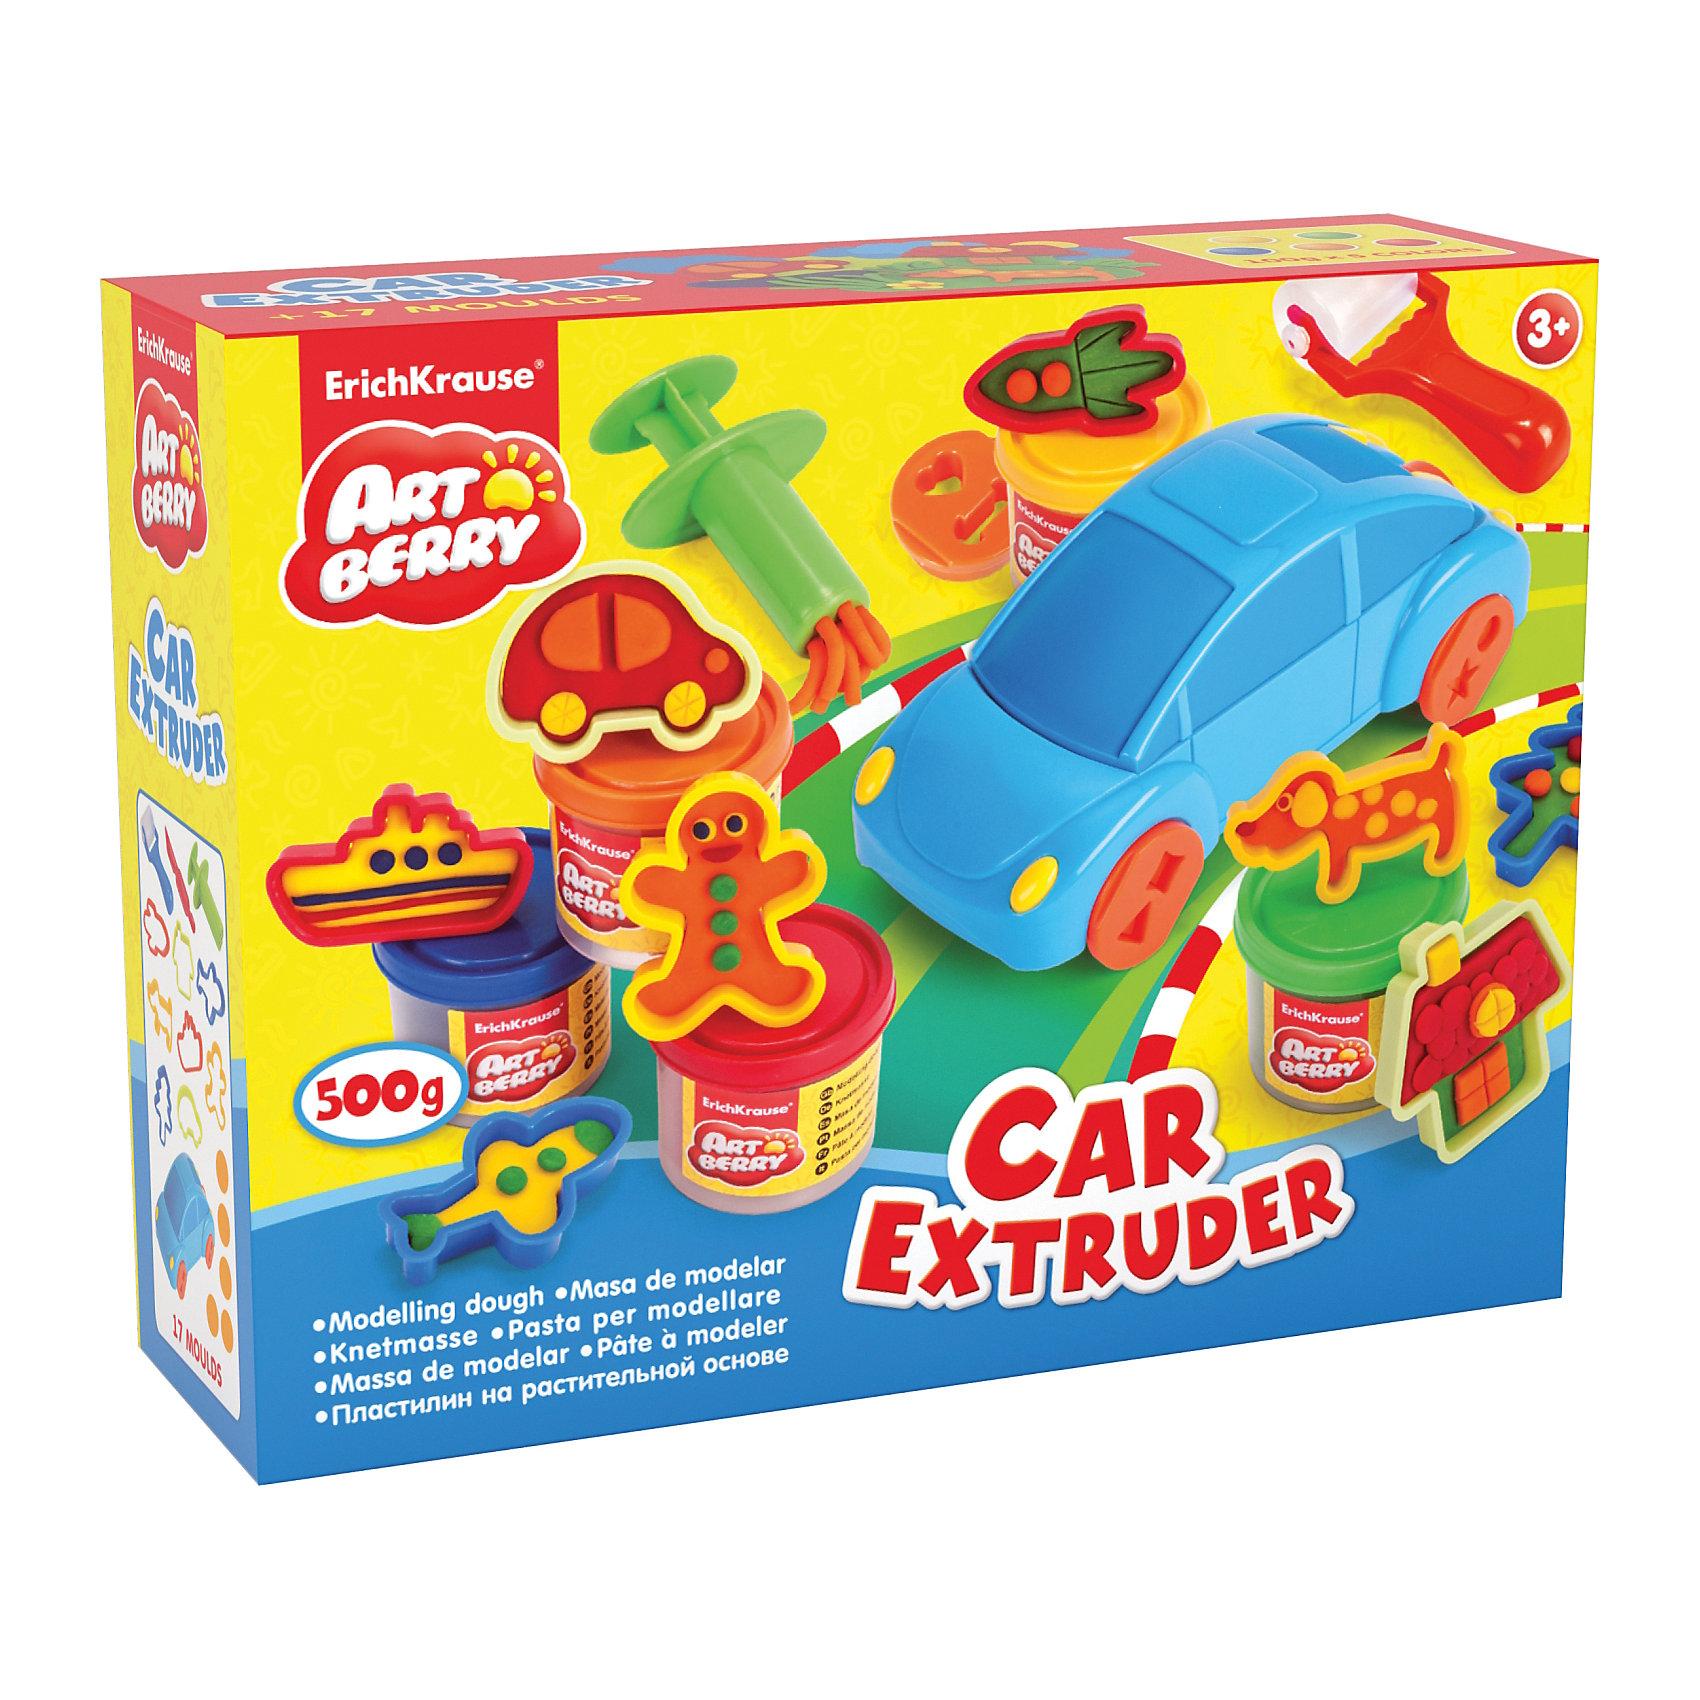 Набор для лепки: Пластилин на растительной основе Car Extruder 5 цвета по 100гСостав: 5 цветов пластилина по 100 г + машинка-экструдер, 5 фигурных насадок-колес, скалка, стек, 8 формочек для лепки, шприц. Упаковка: картонная коробка в термоплёнке<br><br>Ширина мм: 355<br>Глубина мм: 275<br>Высота мм: 117<br>Вес г: 1248<br>Возраст от месяцев: 60<br>Возраст до месяцев: 216<br>Пол: Унисекс<br>Возраст: Детский<br>SKU: 5409341